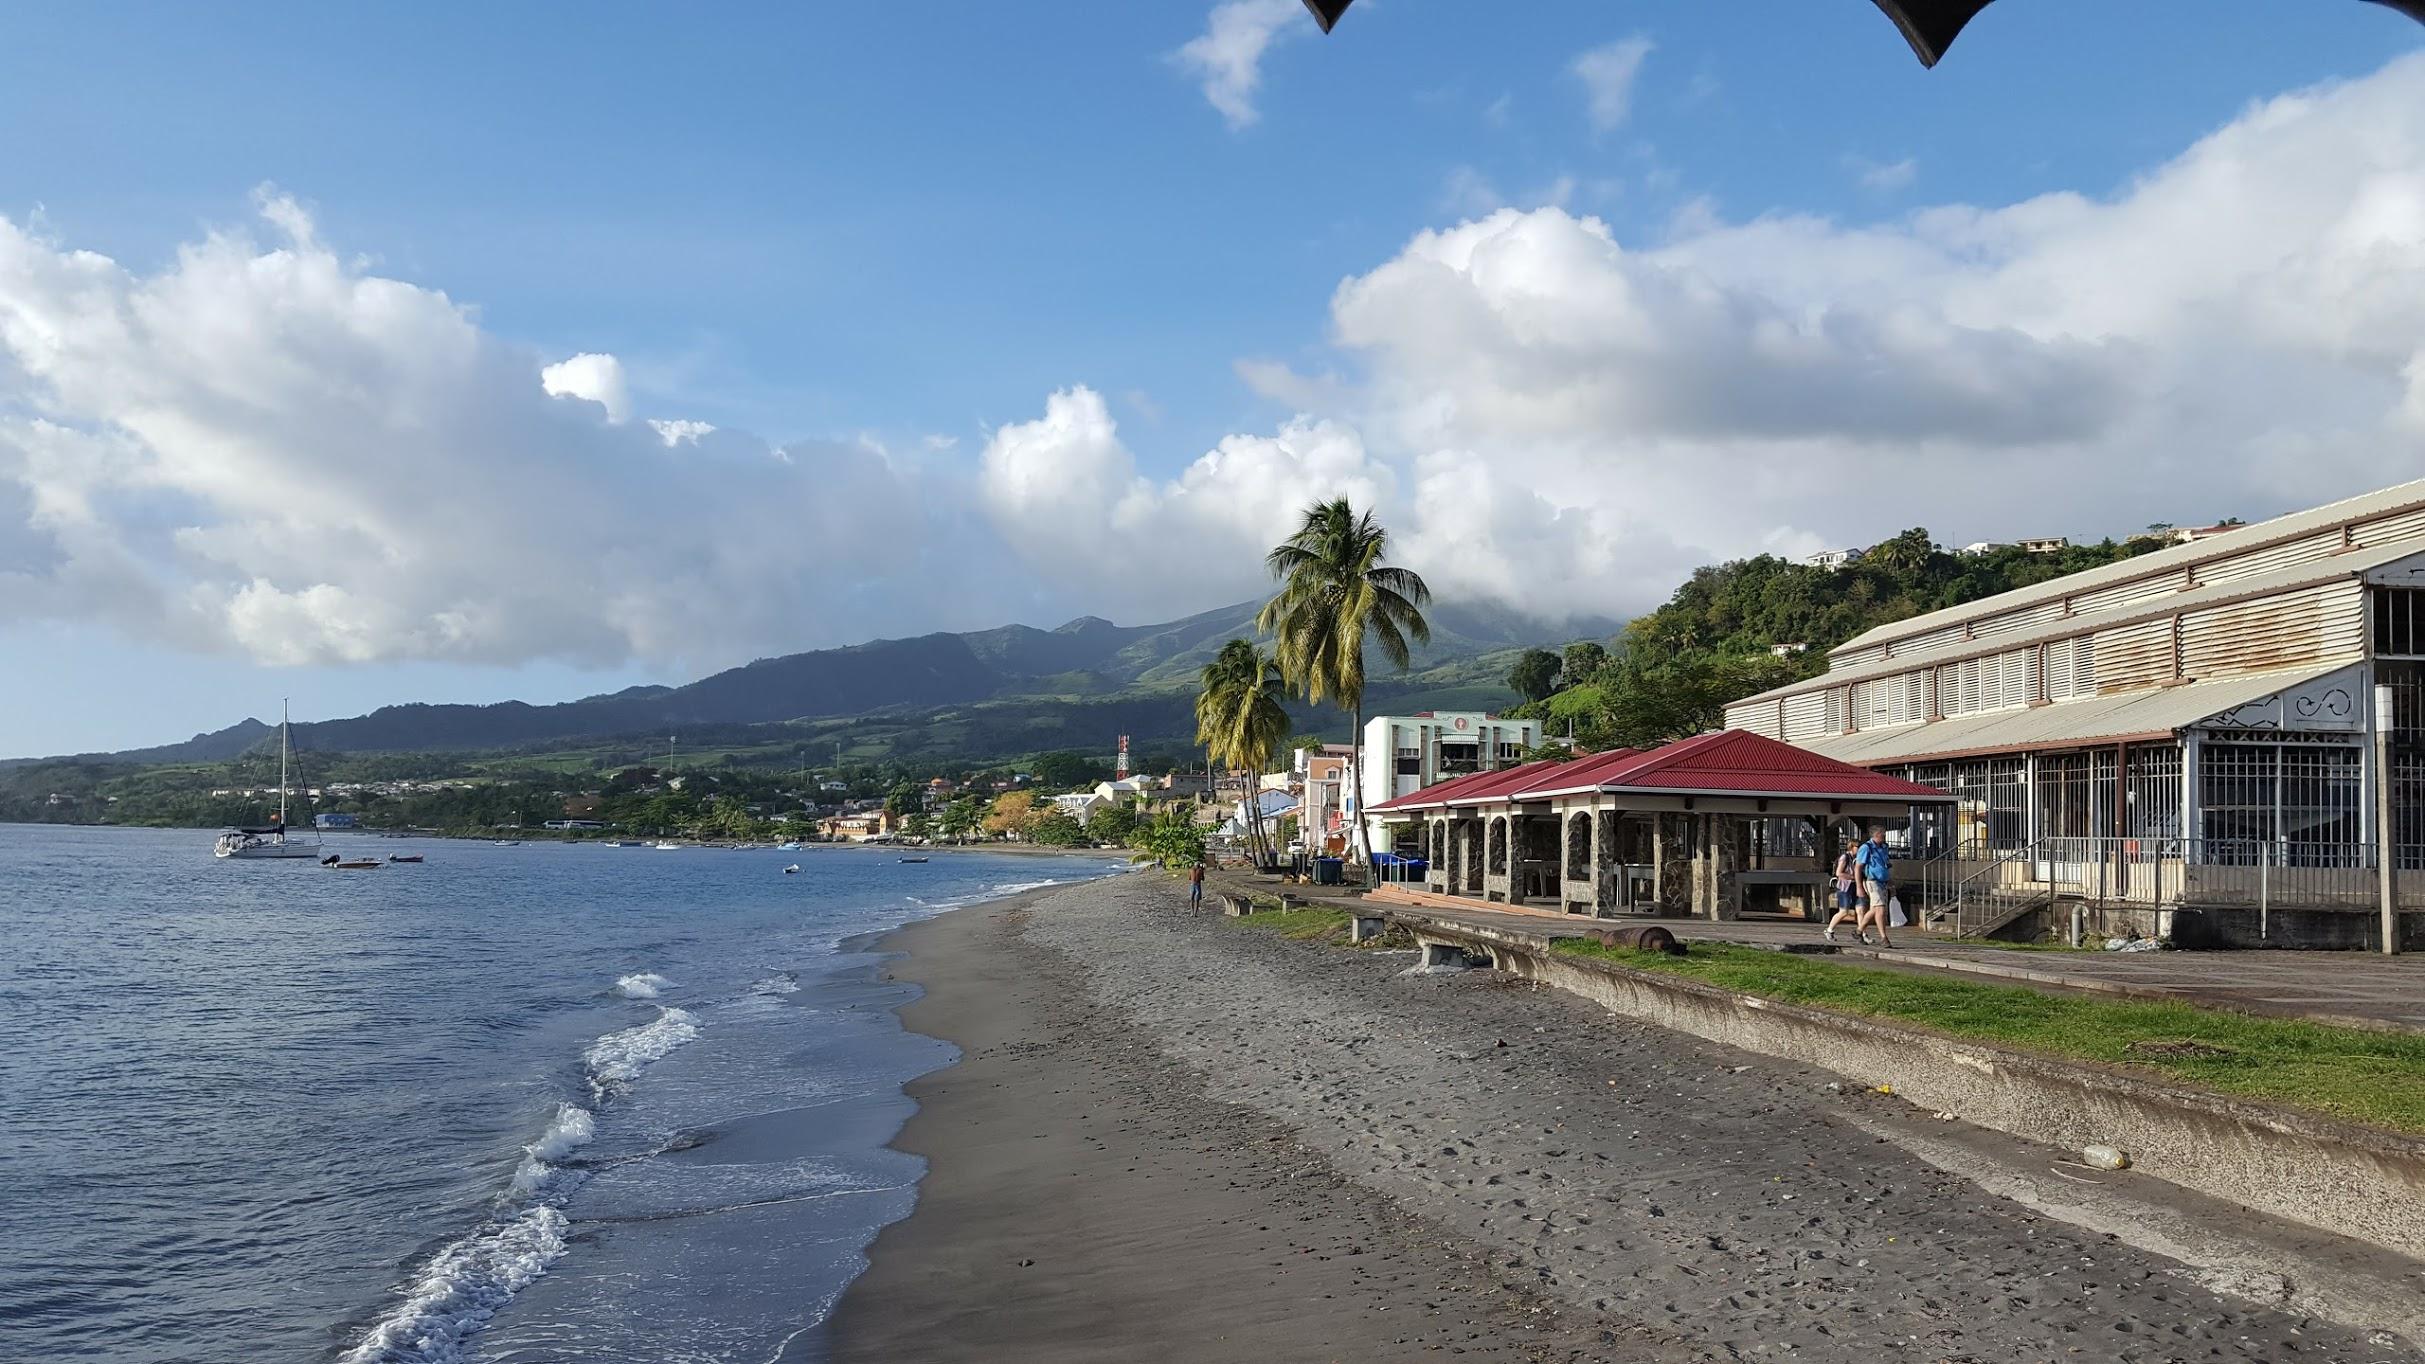 Plage du bourg de Saint-Pierre Martinique